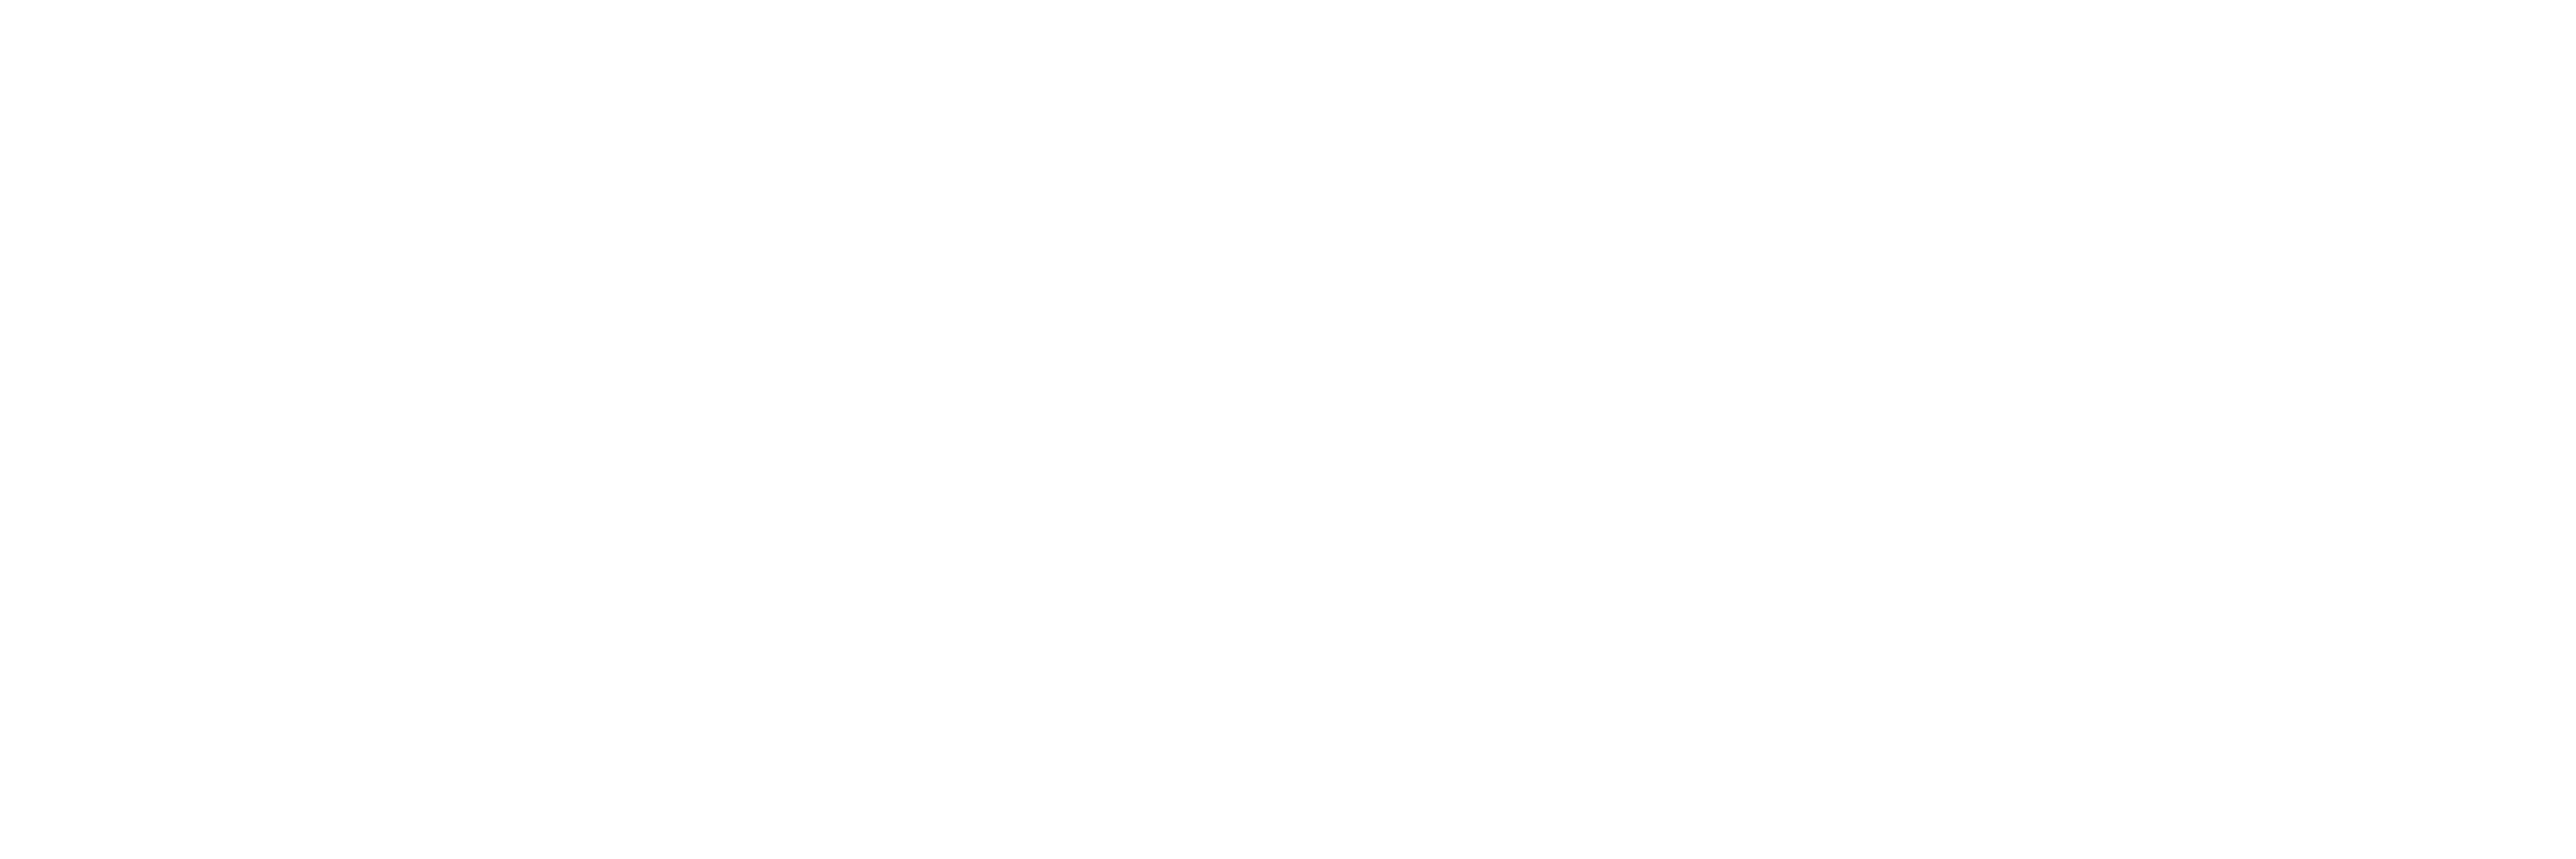 dorset logo